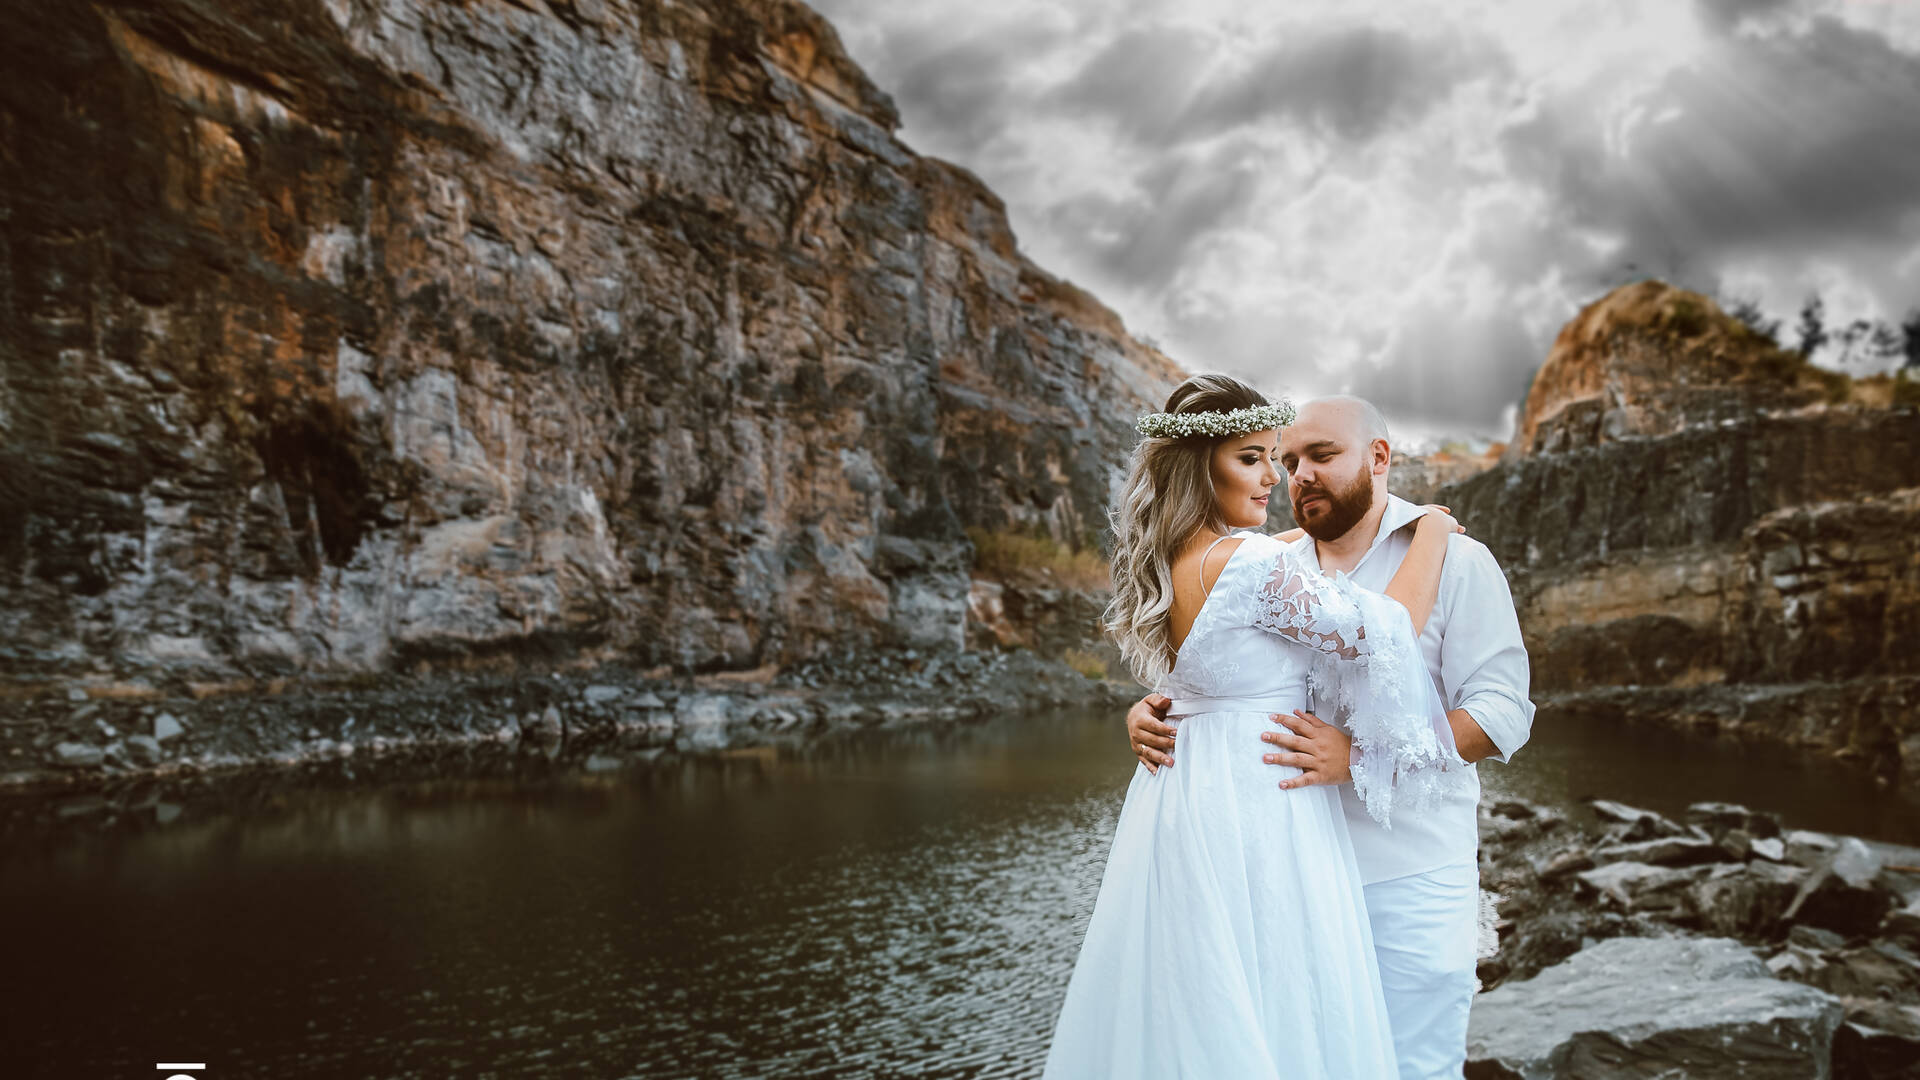 Fotografo de Casamentos de Pré Wedding